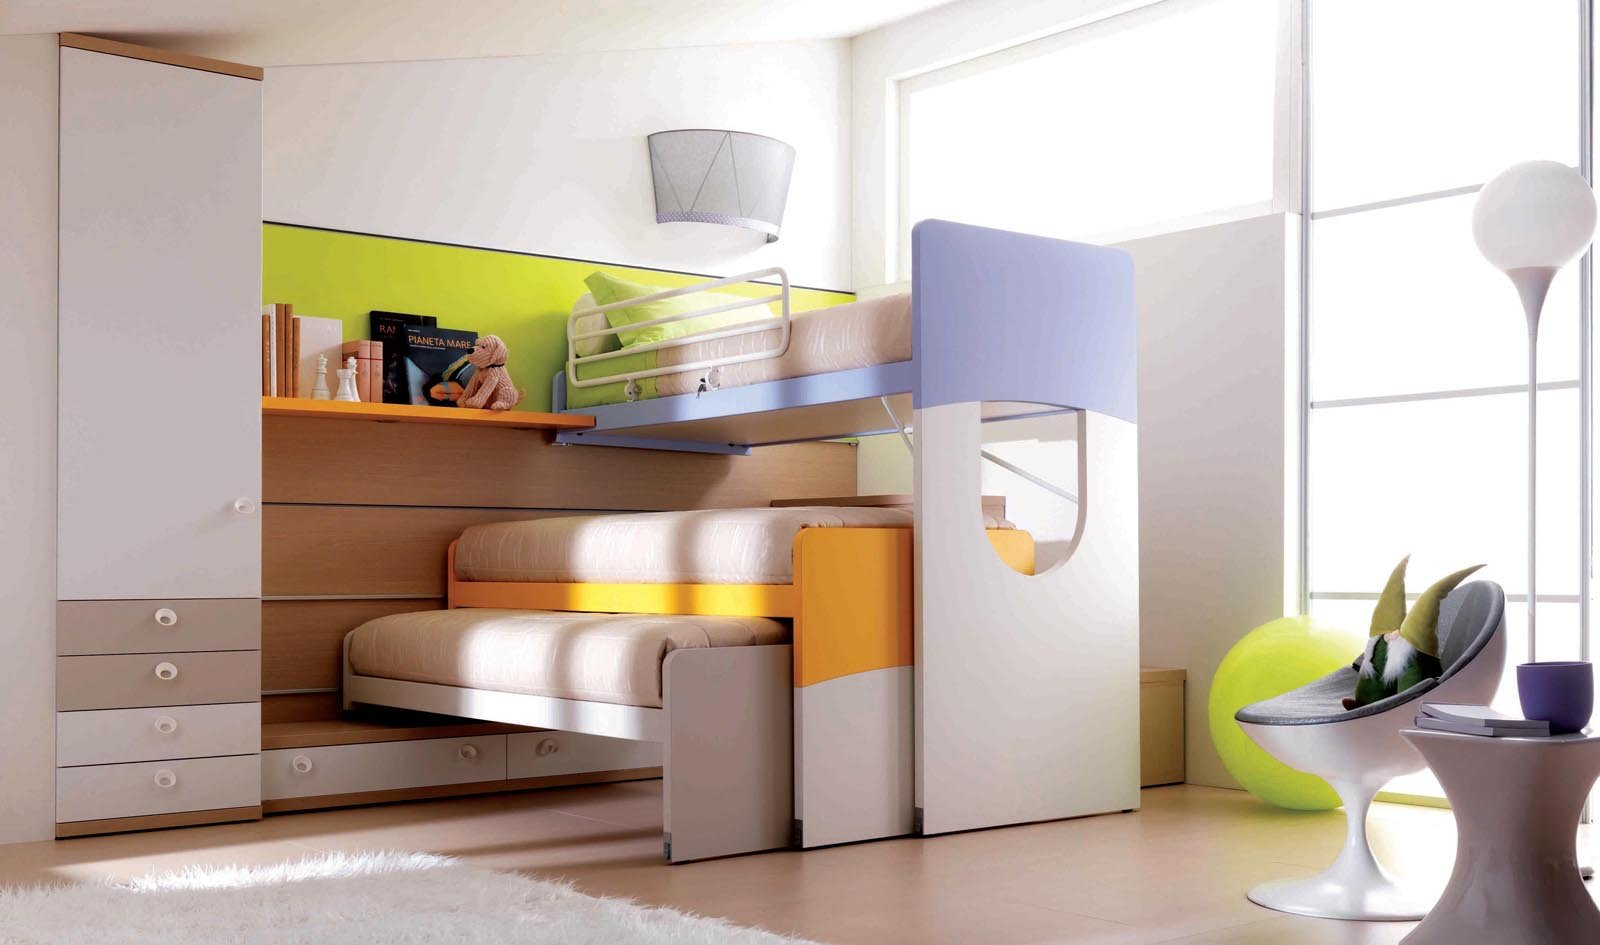 Camerette funzionalit a misura di bambino cose di casa for Piani casa 3 camere da letto e garage doppio